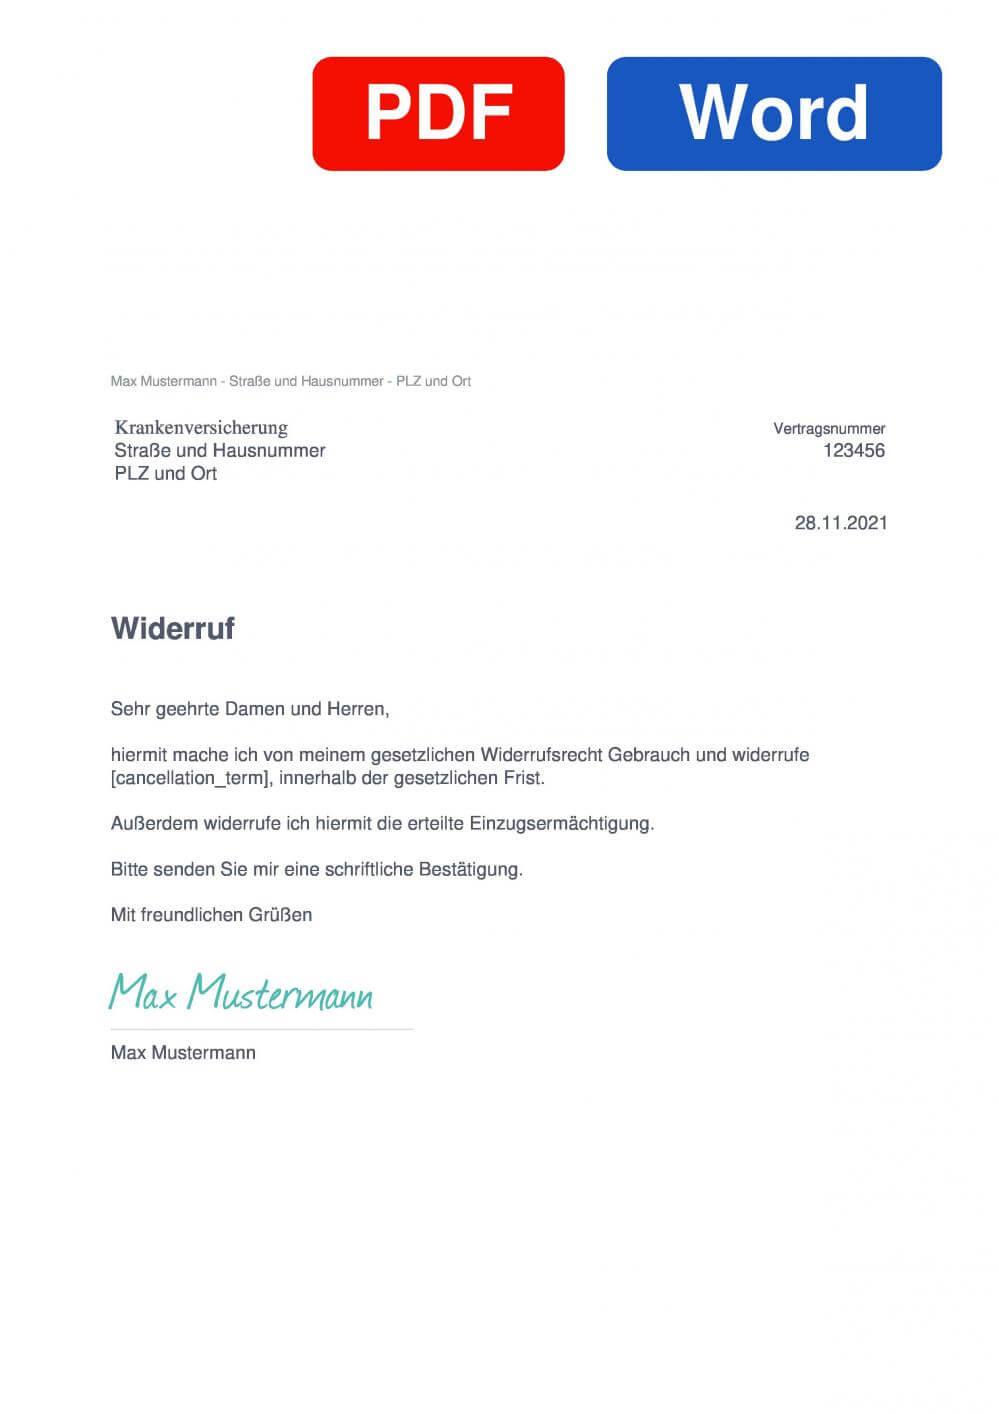 Krankenversicherung Muster Vorlage für Wiederrufsschreiben